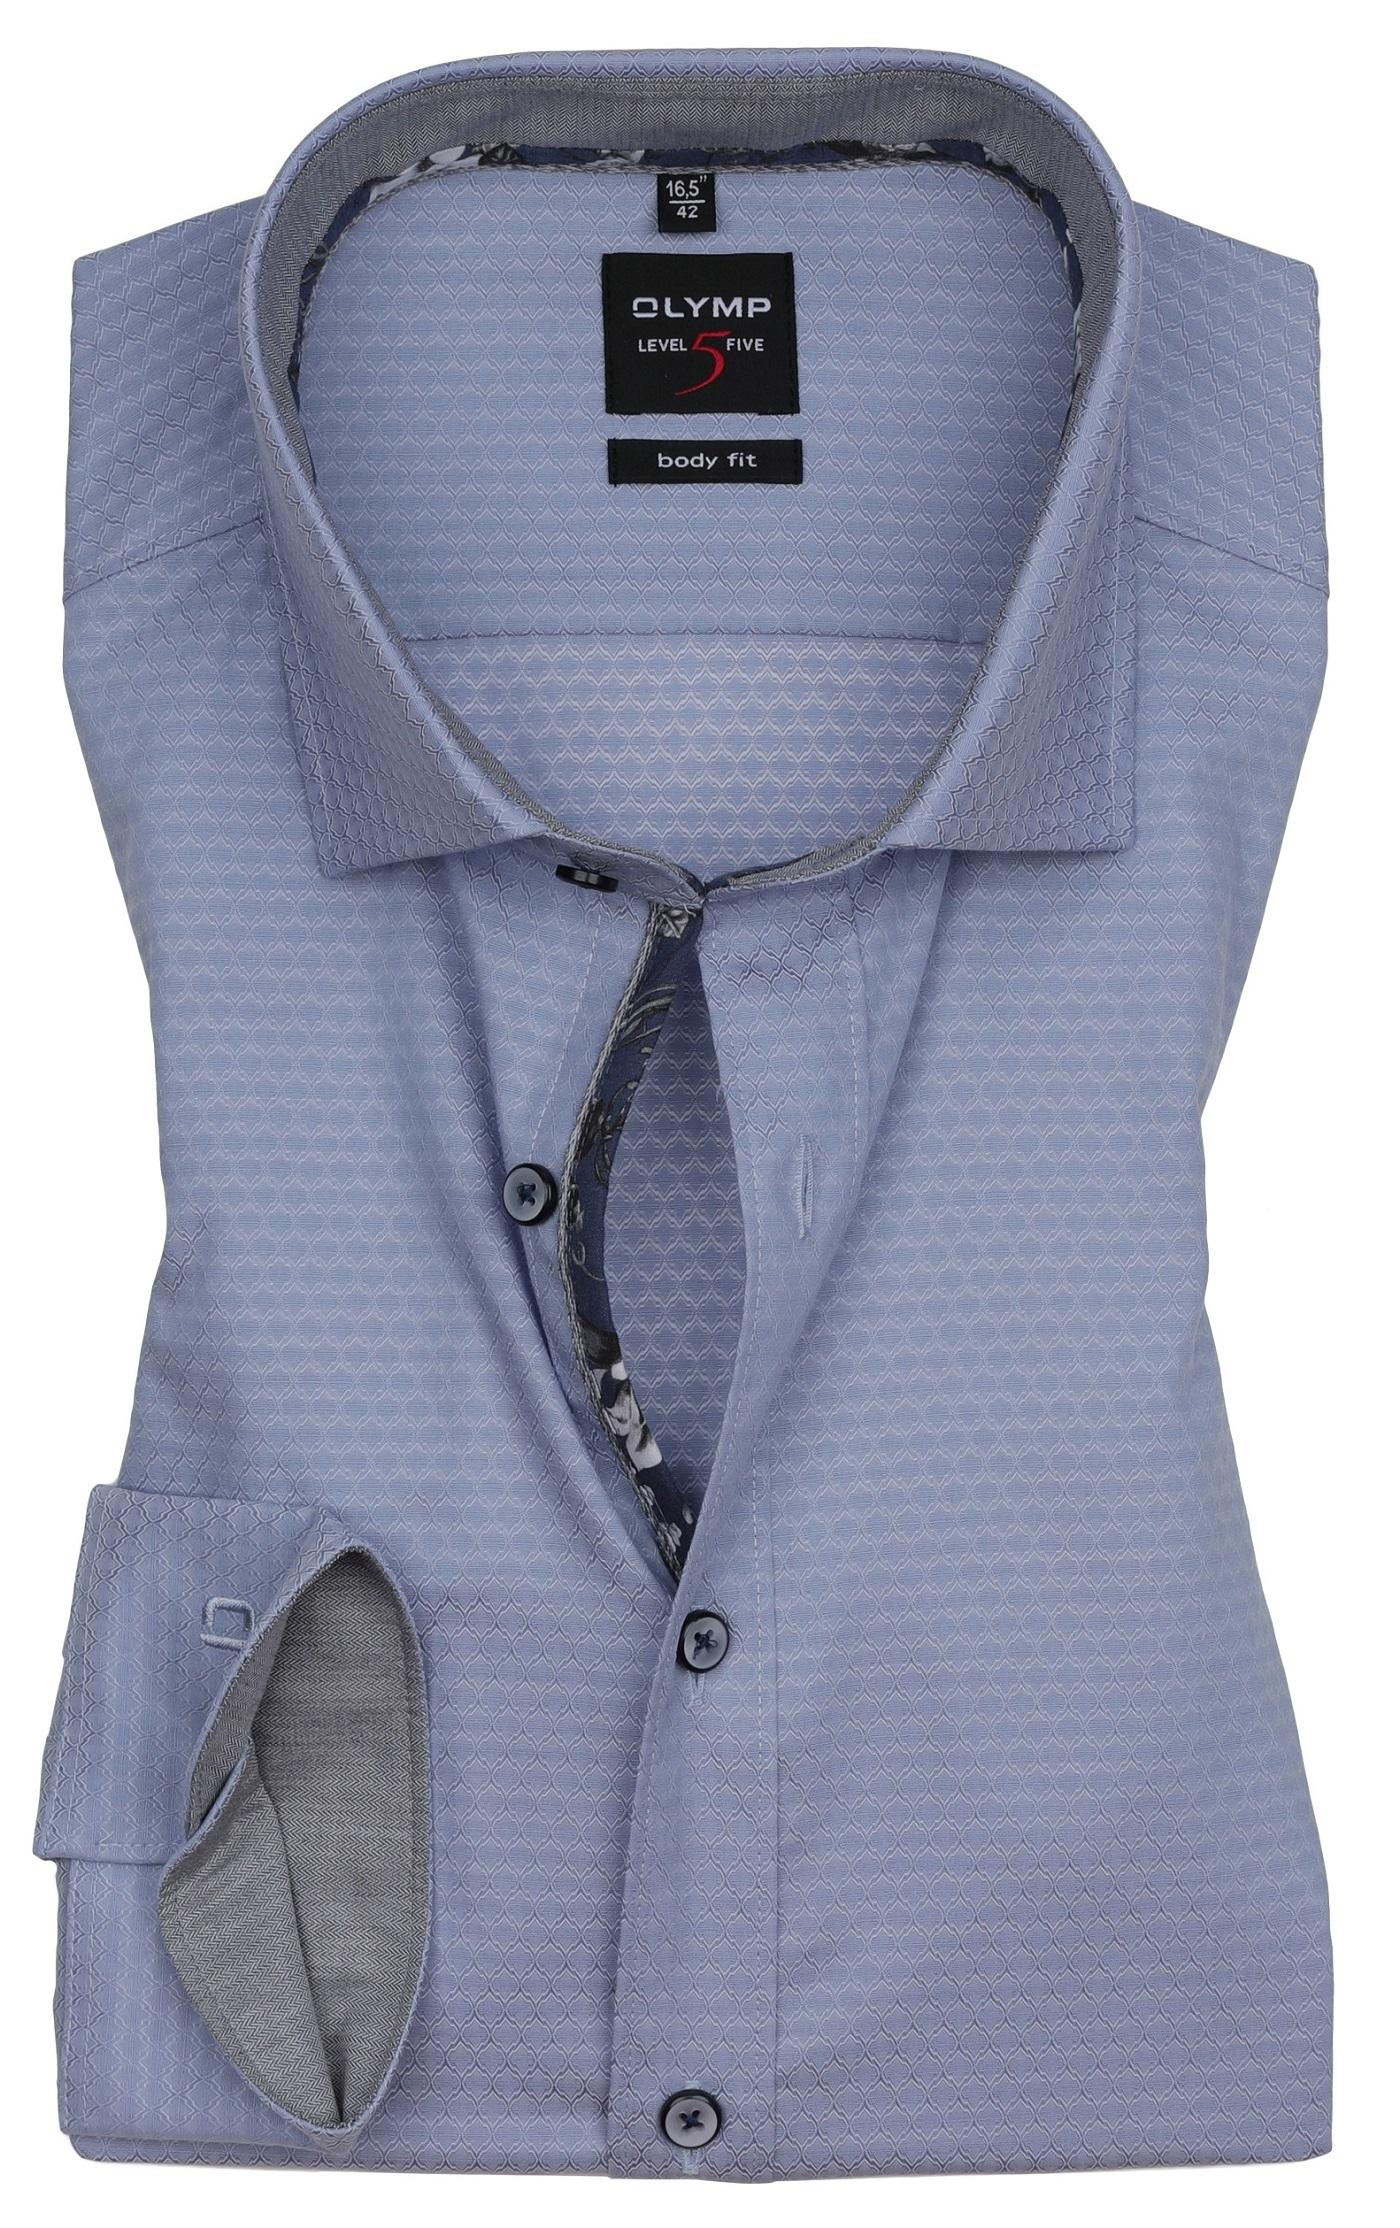 hemden extra langer arm 69 cm olymp level 5 body fit. Black Bedroom Furniture Sets. Home Design Ideas